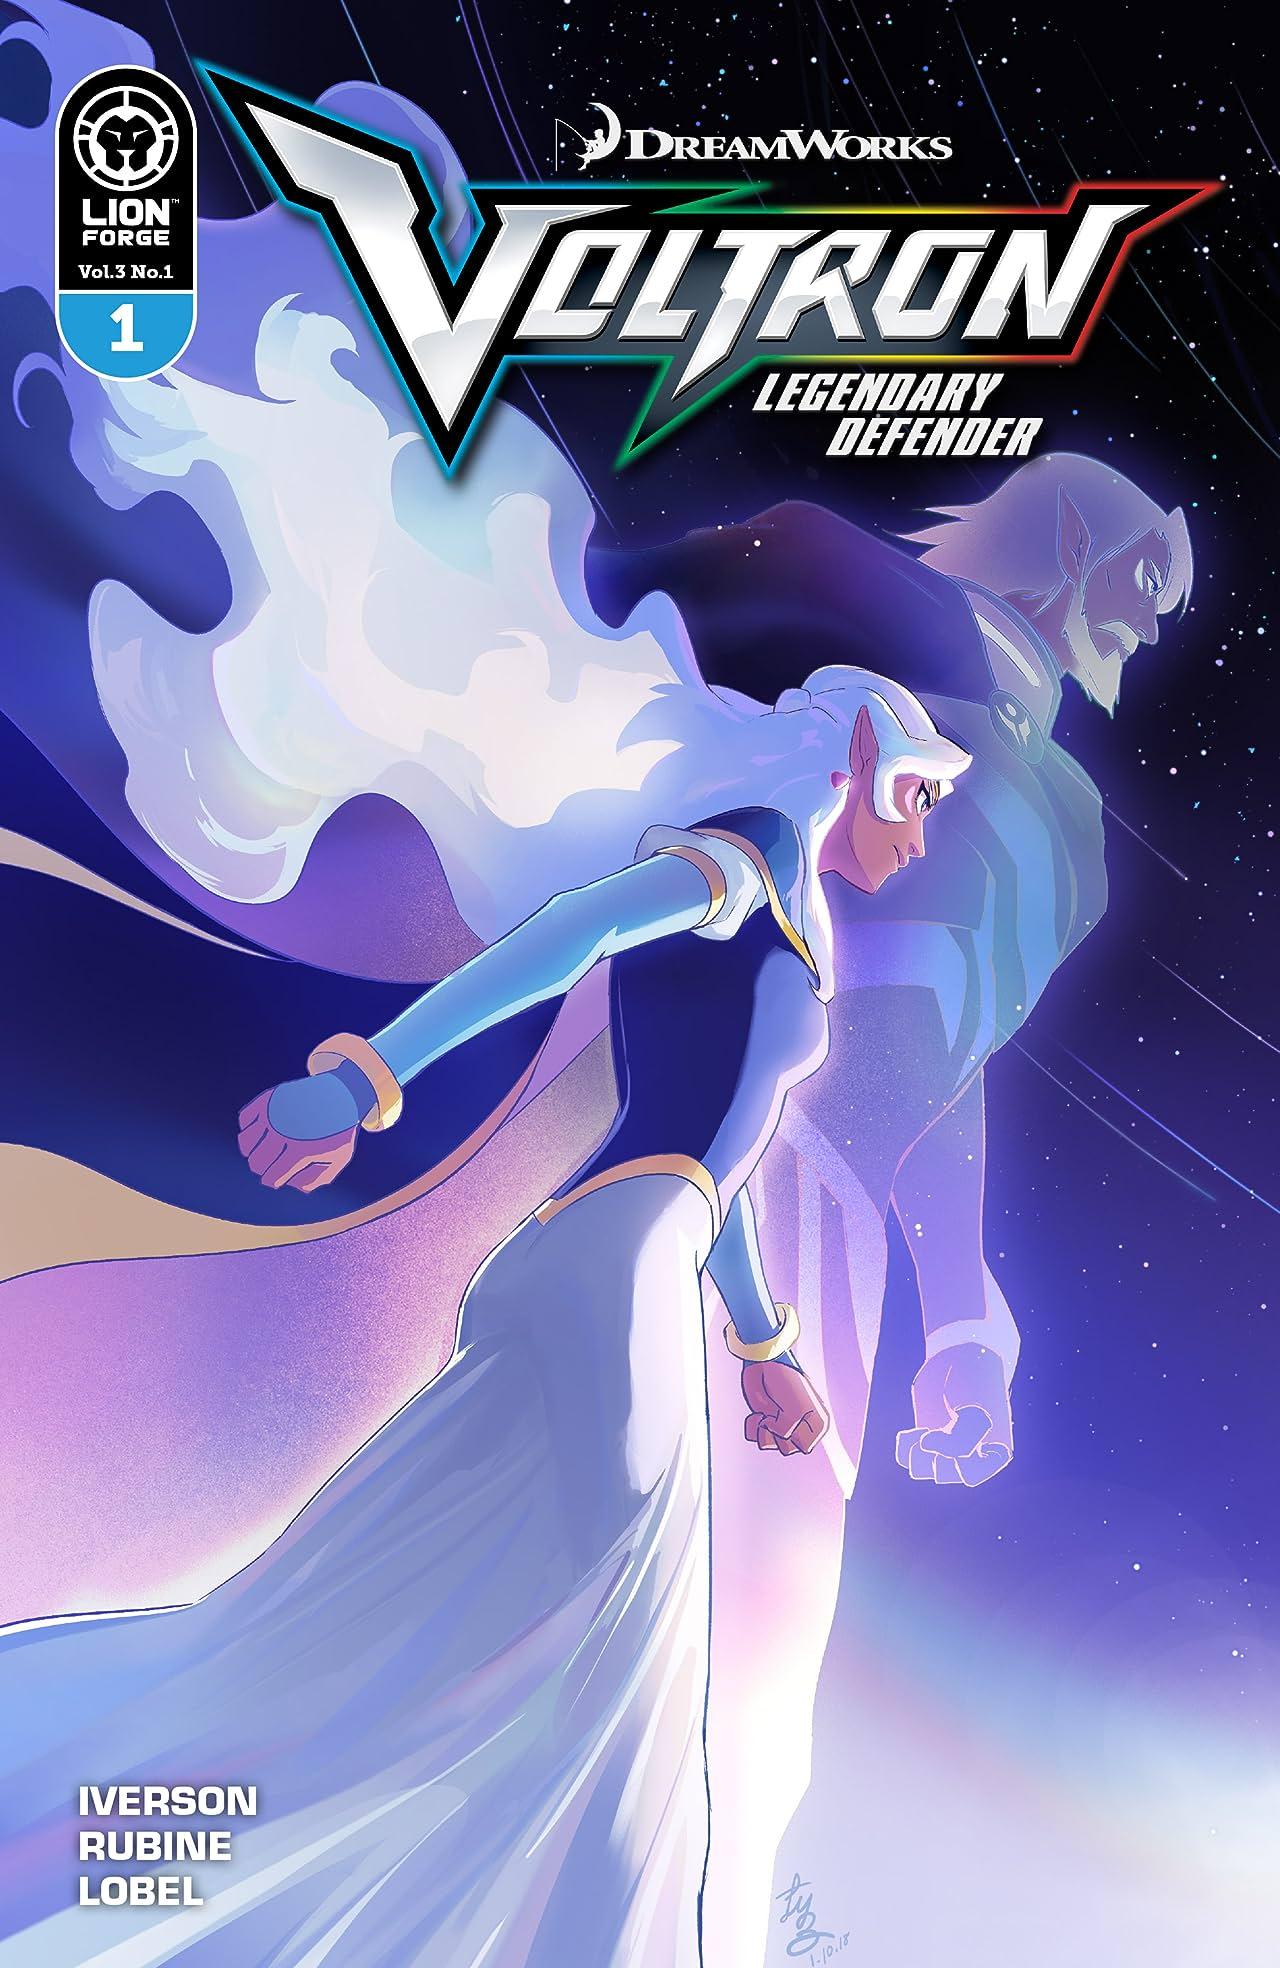 Voltron Legendary Defender Vol. 3 #1